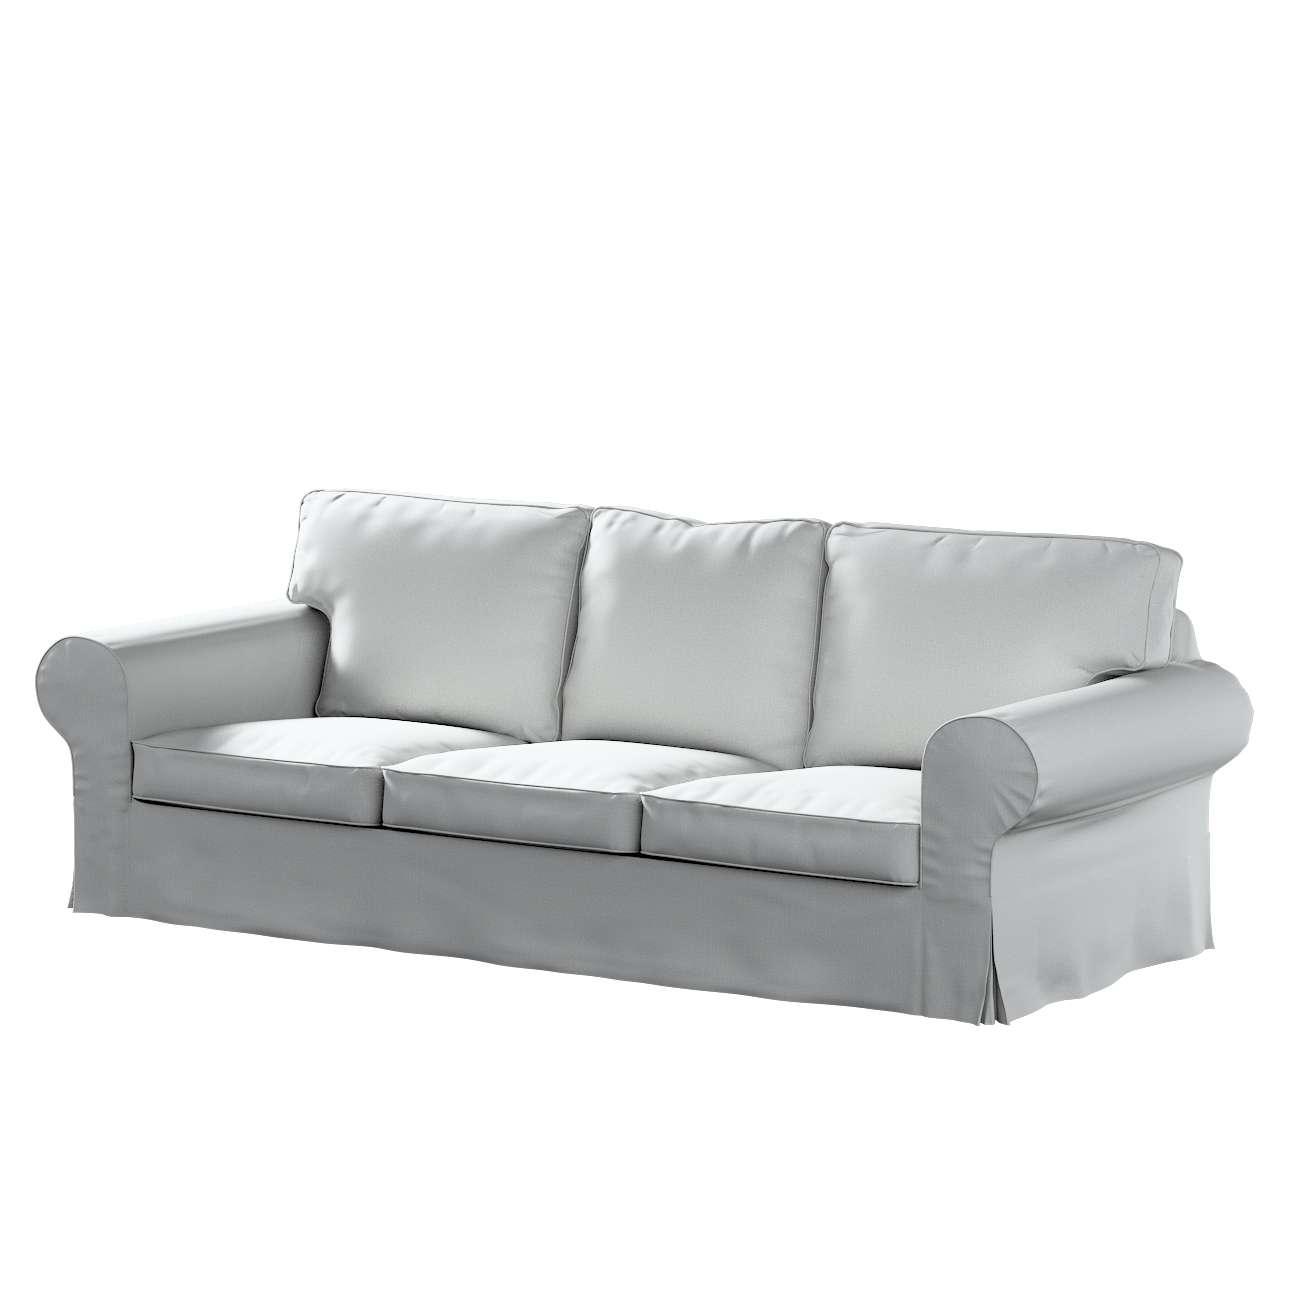 Pokrowiec na sofę Ektorp 3-osobową, nierozkładaną w kolekcji Living II, tkanina: 161-18